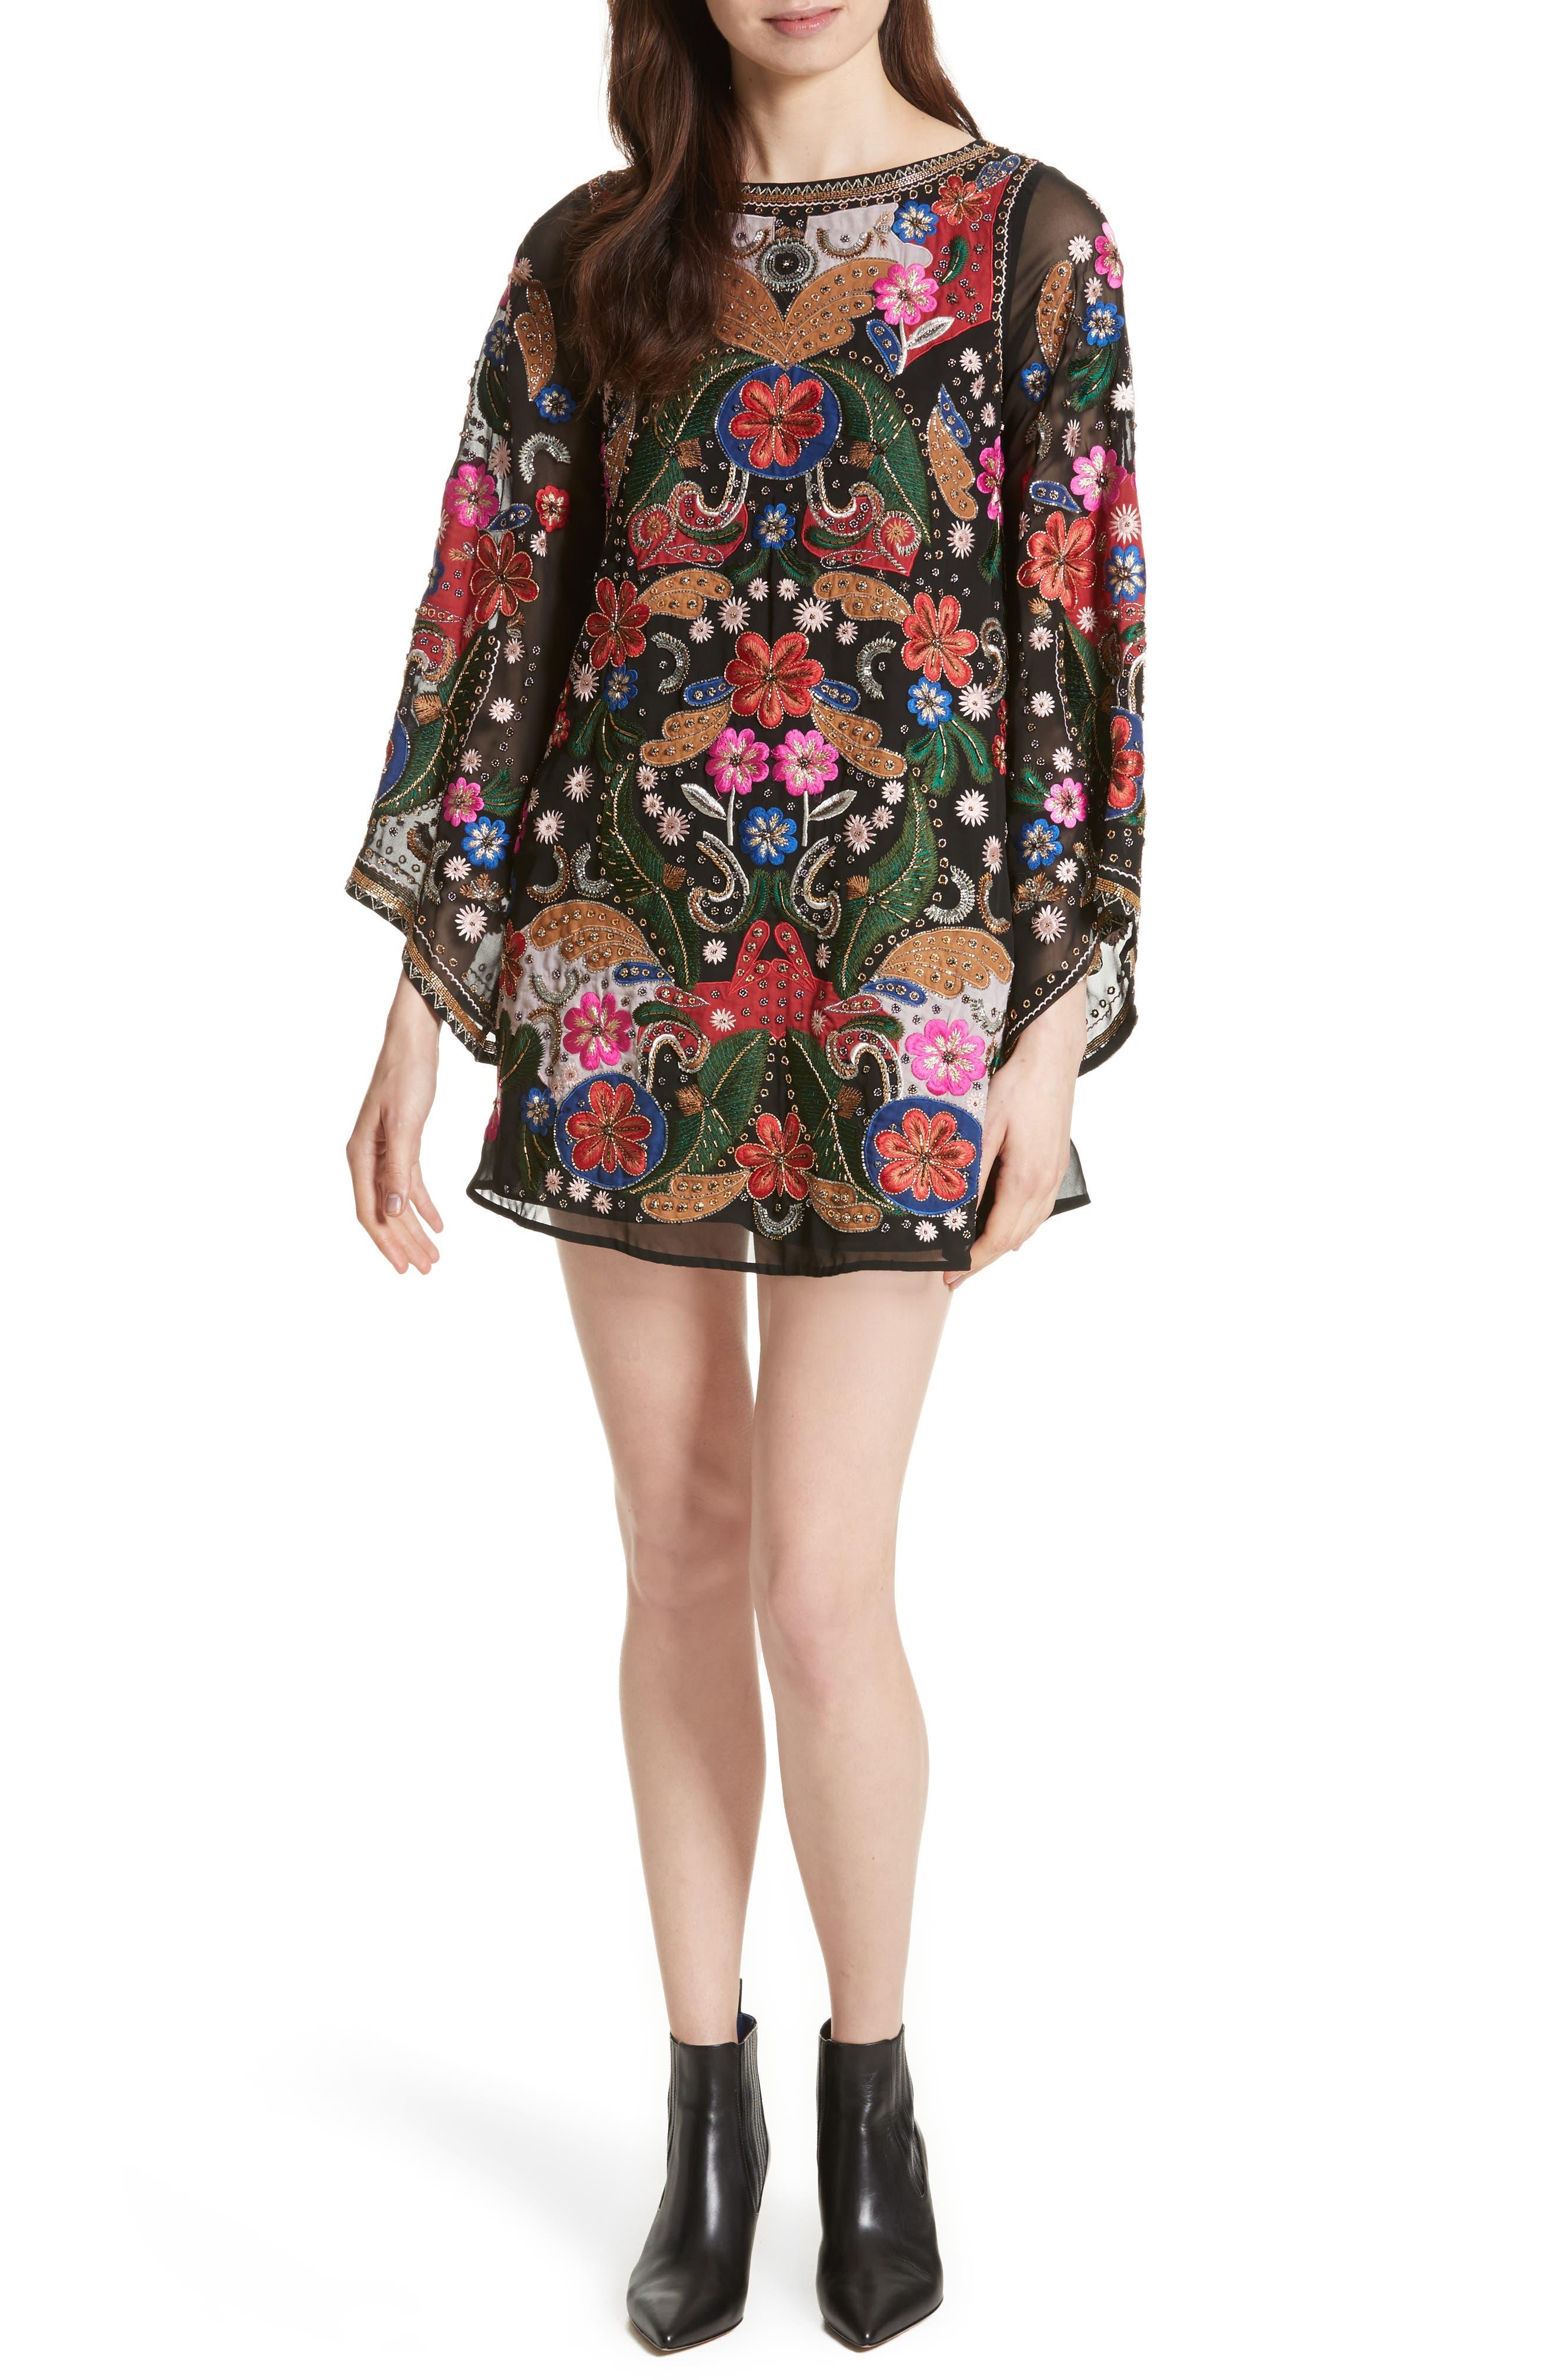 Alice + Olivia Eleonora Bell Sleeve Floral Embellished Dress